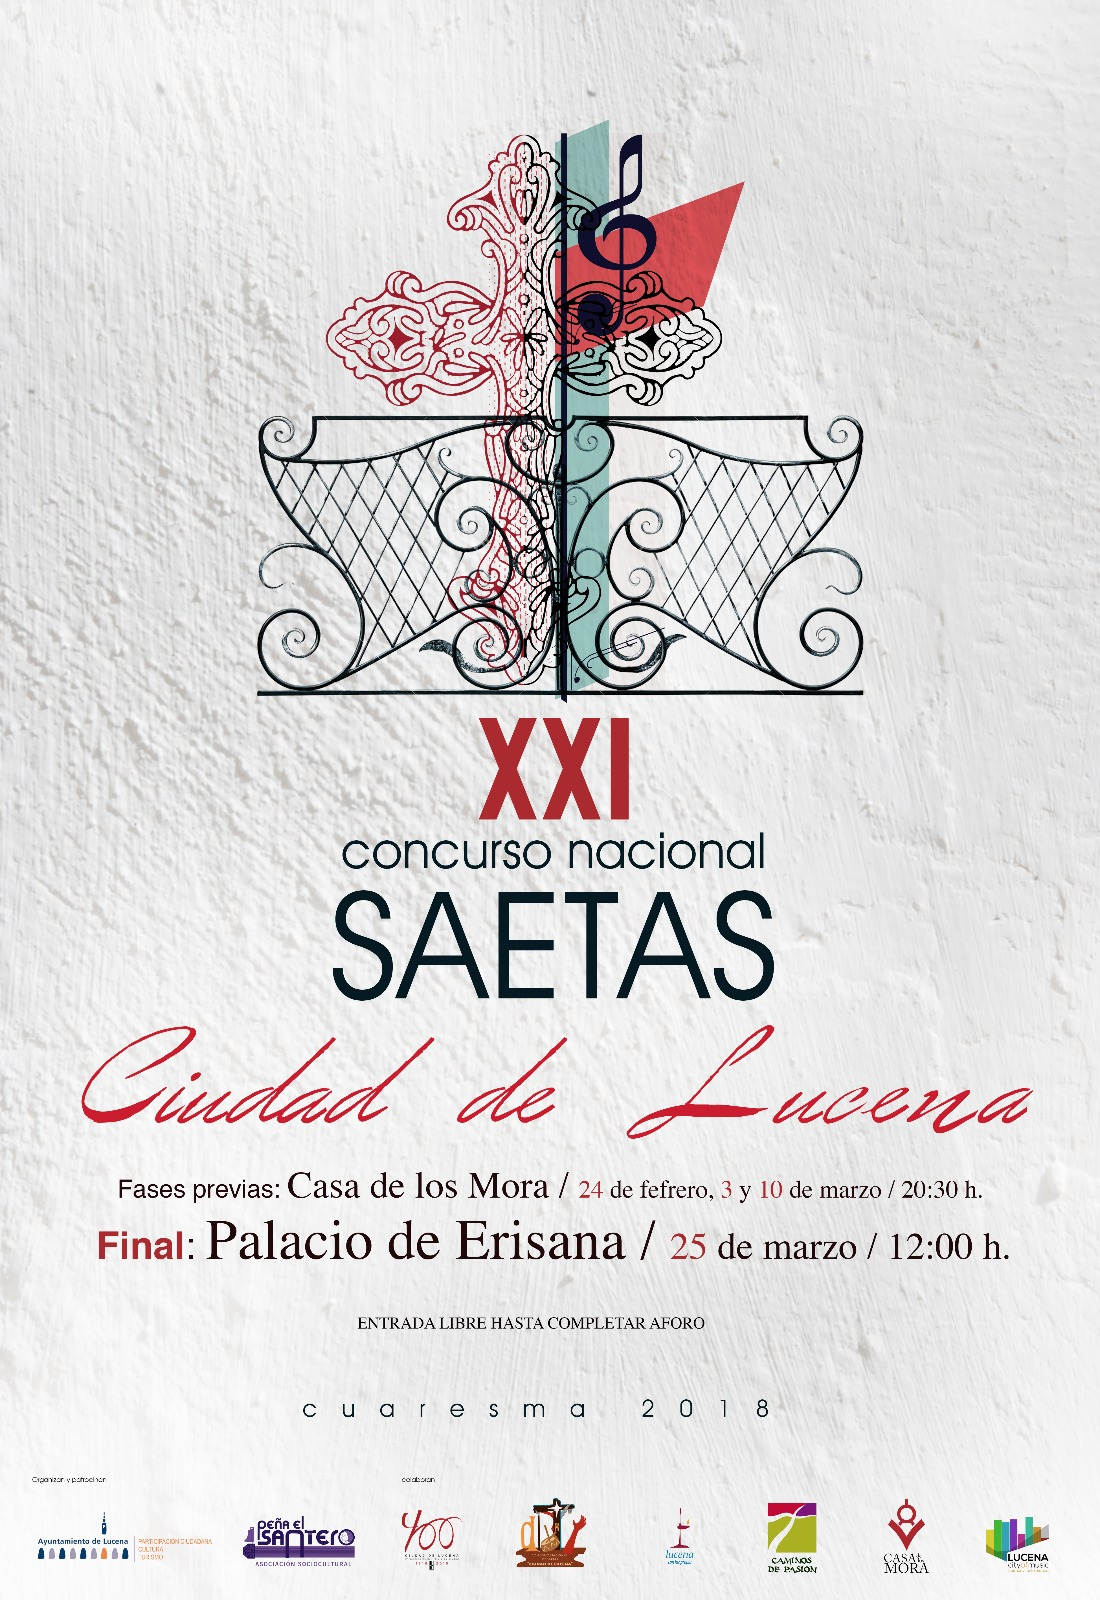 """XXI CONCURSO NACIONAL DE SAETAS """"CIUDAD DE LUCENA"""" @ Casa de los Mora y Palacio Erisana (Final)"""